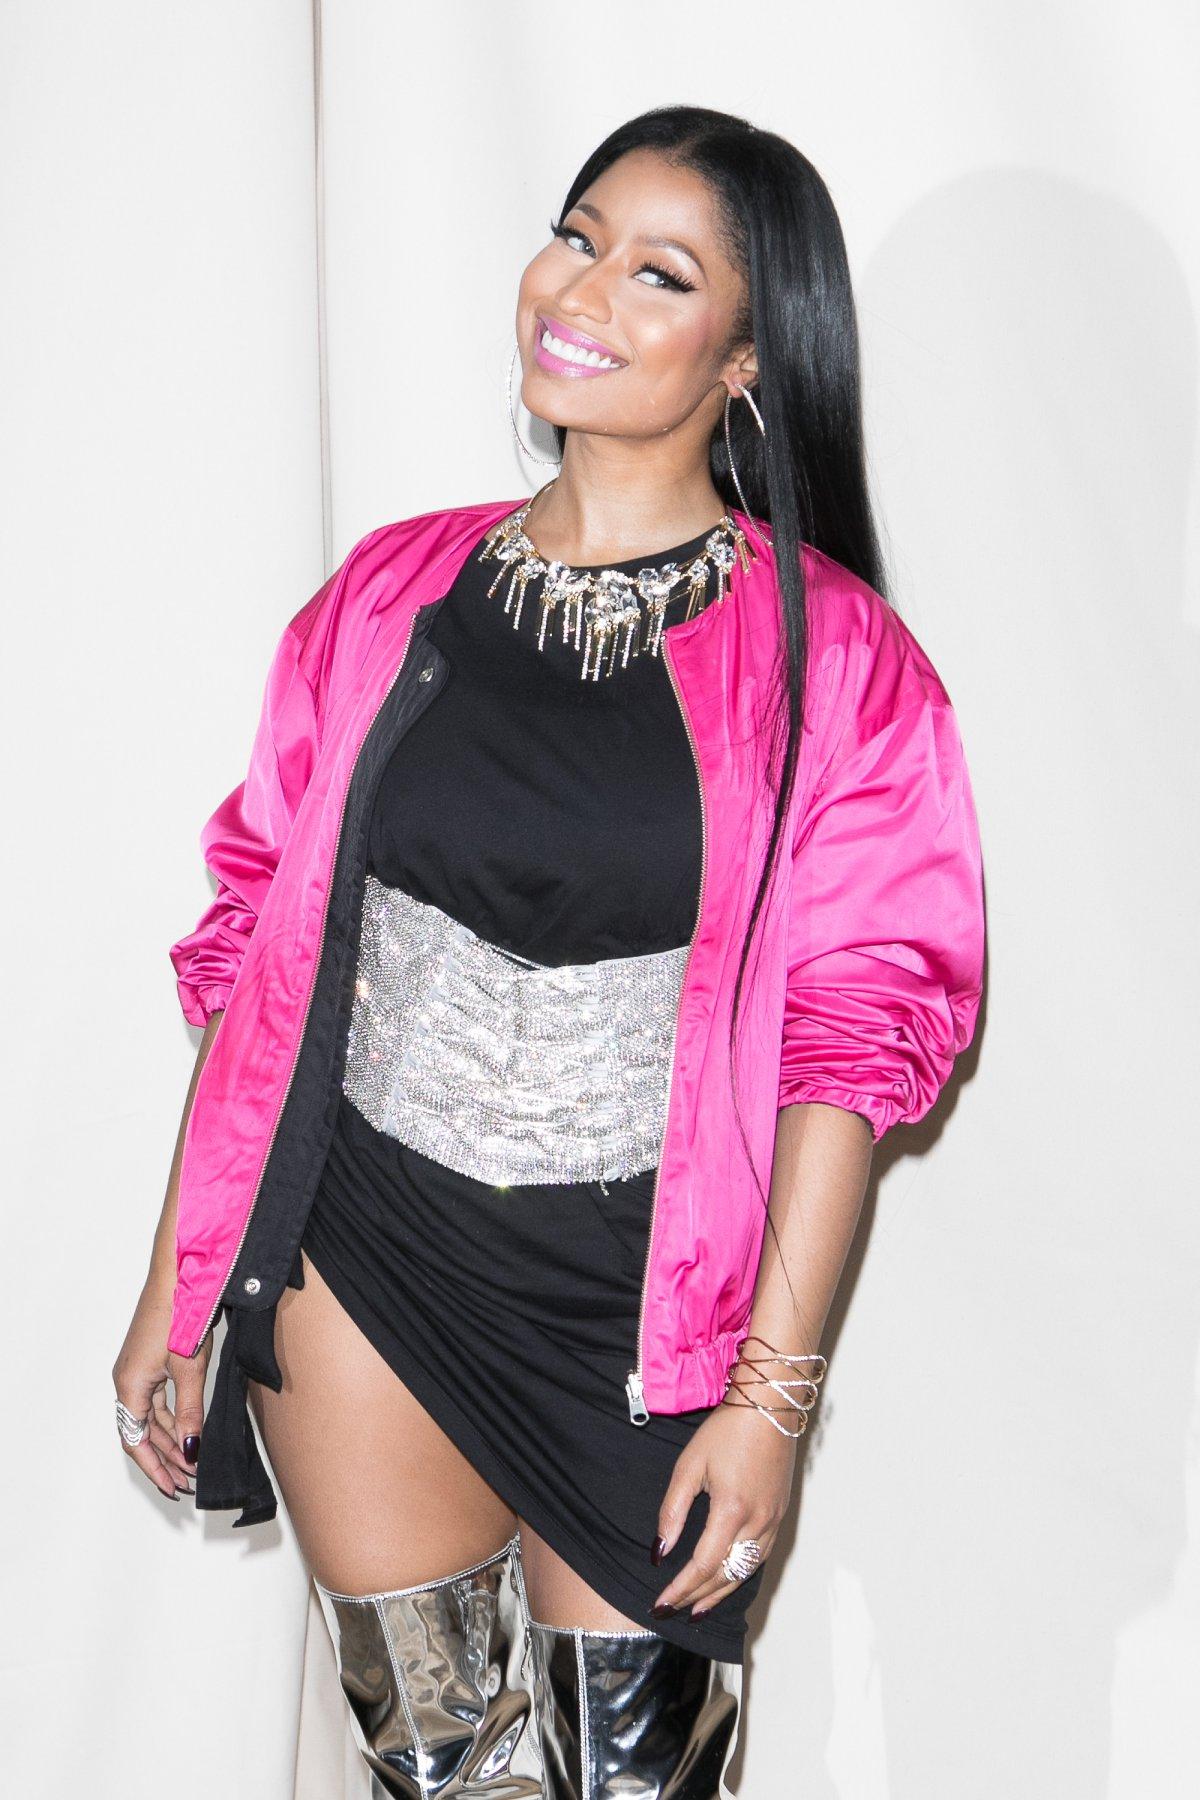 El desastroso 'twerking' de Nicki Minaj que avergonzó a sus fervientes seguidores